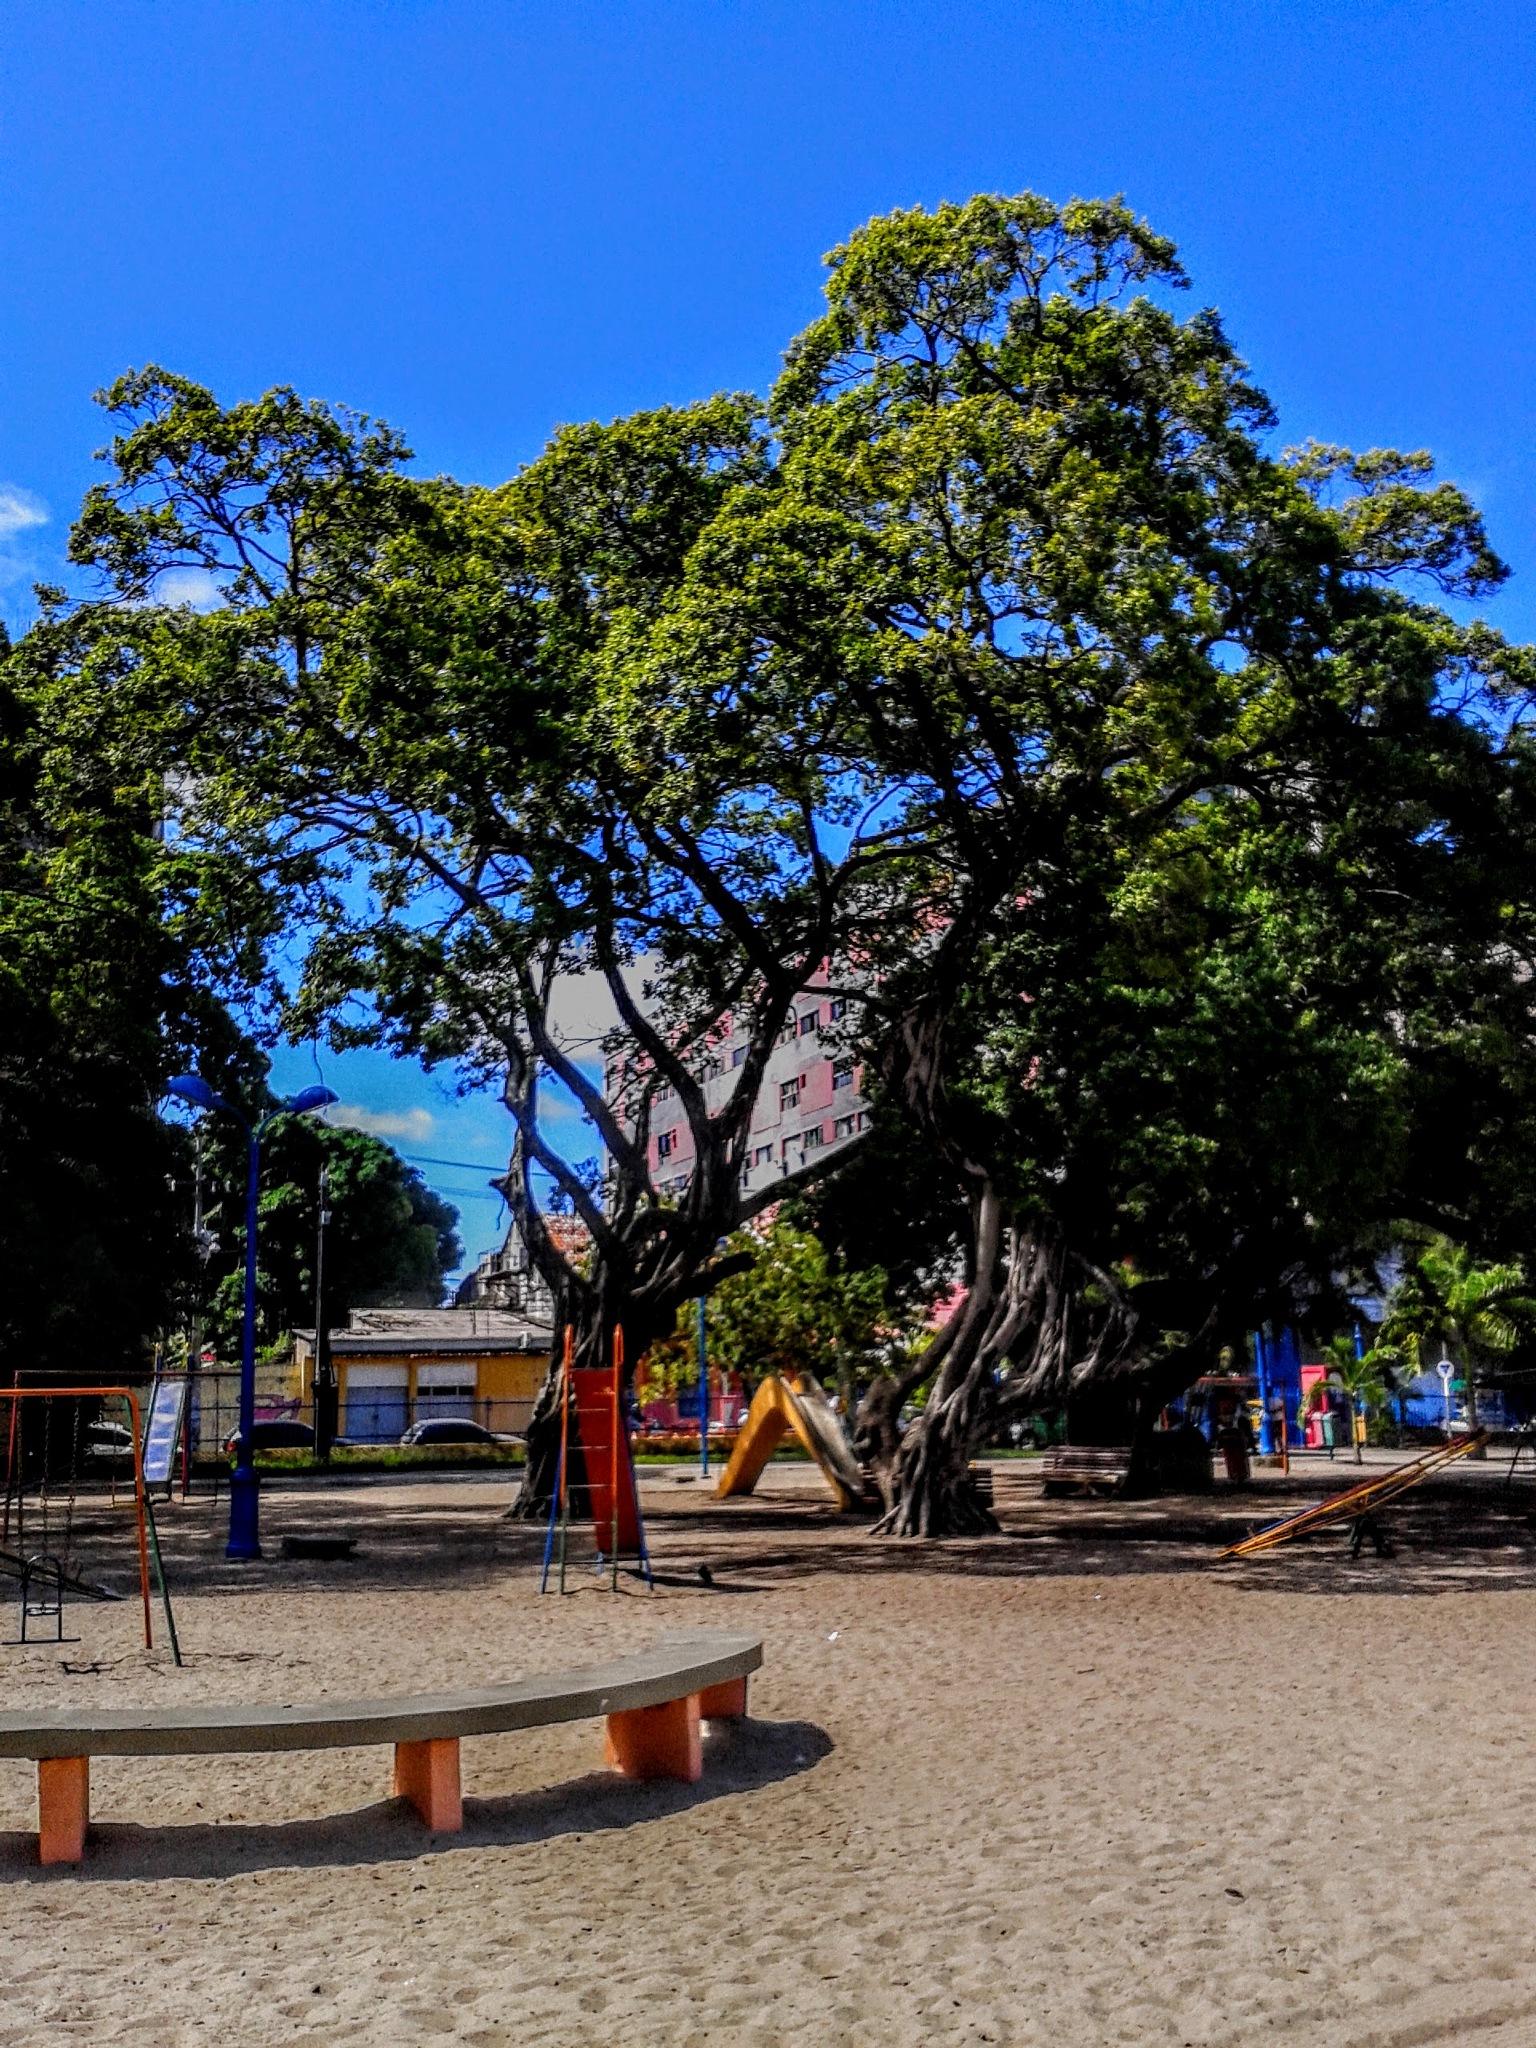 Parque 13 de maio  by Sonja